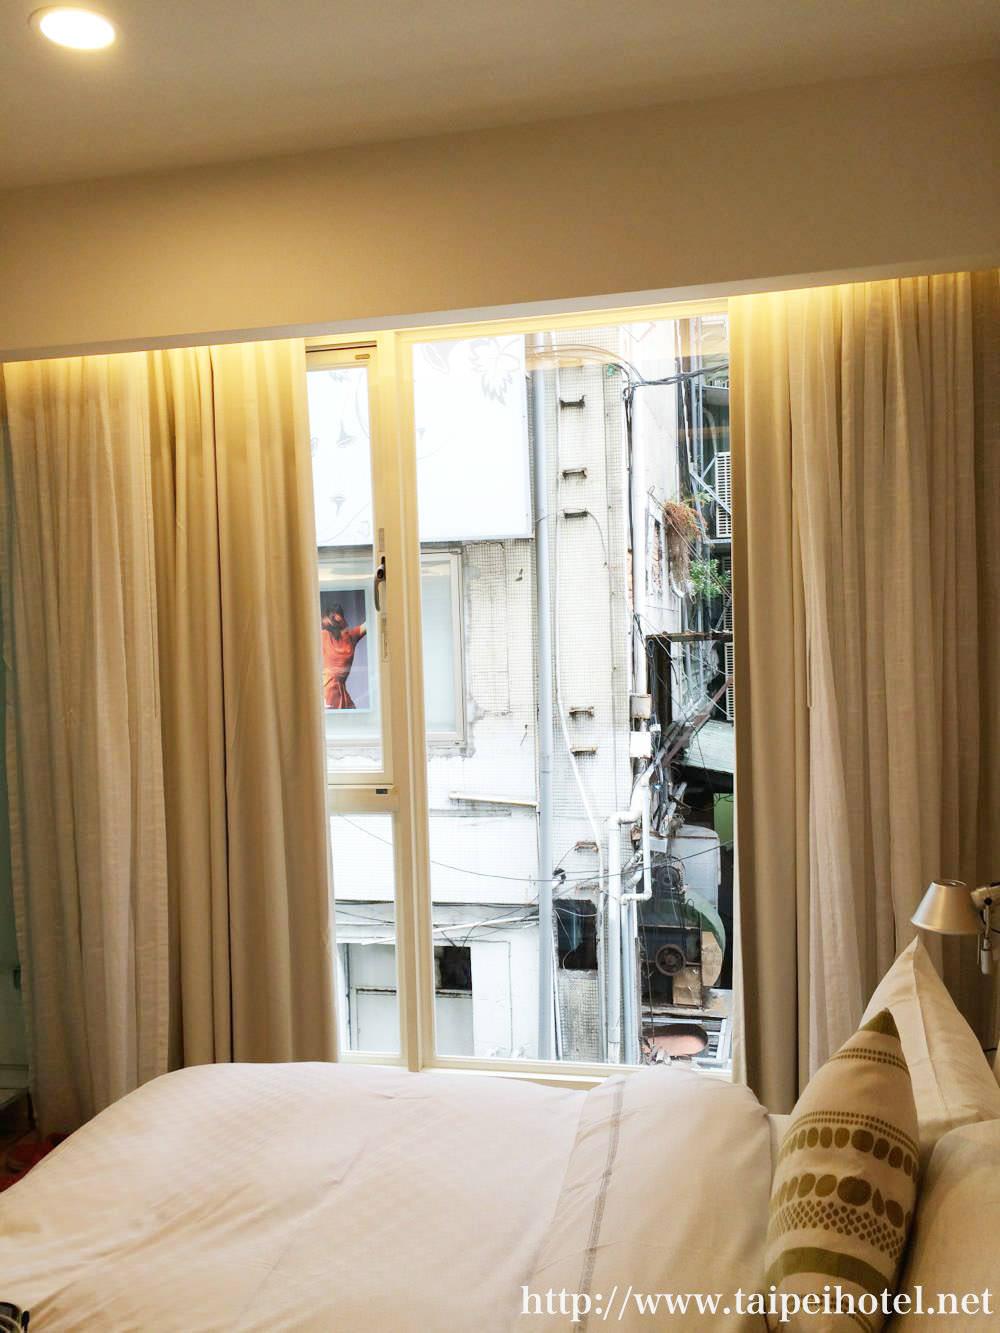 ダンディホテルの部屋